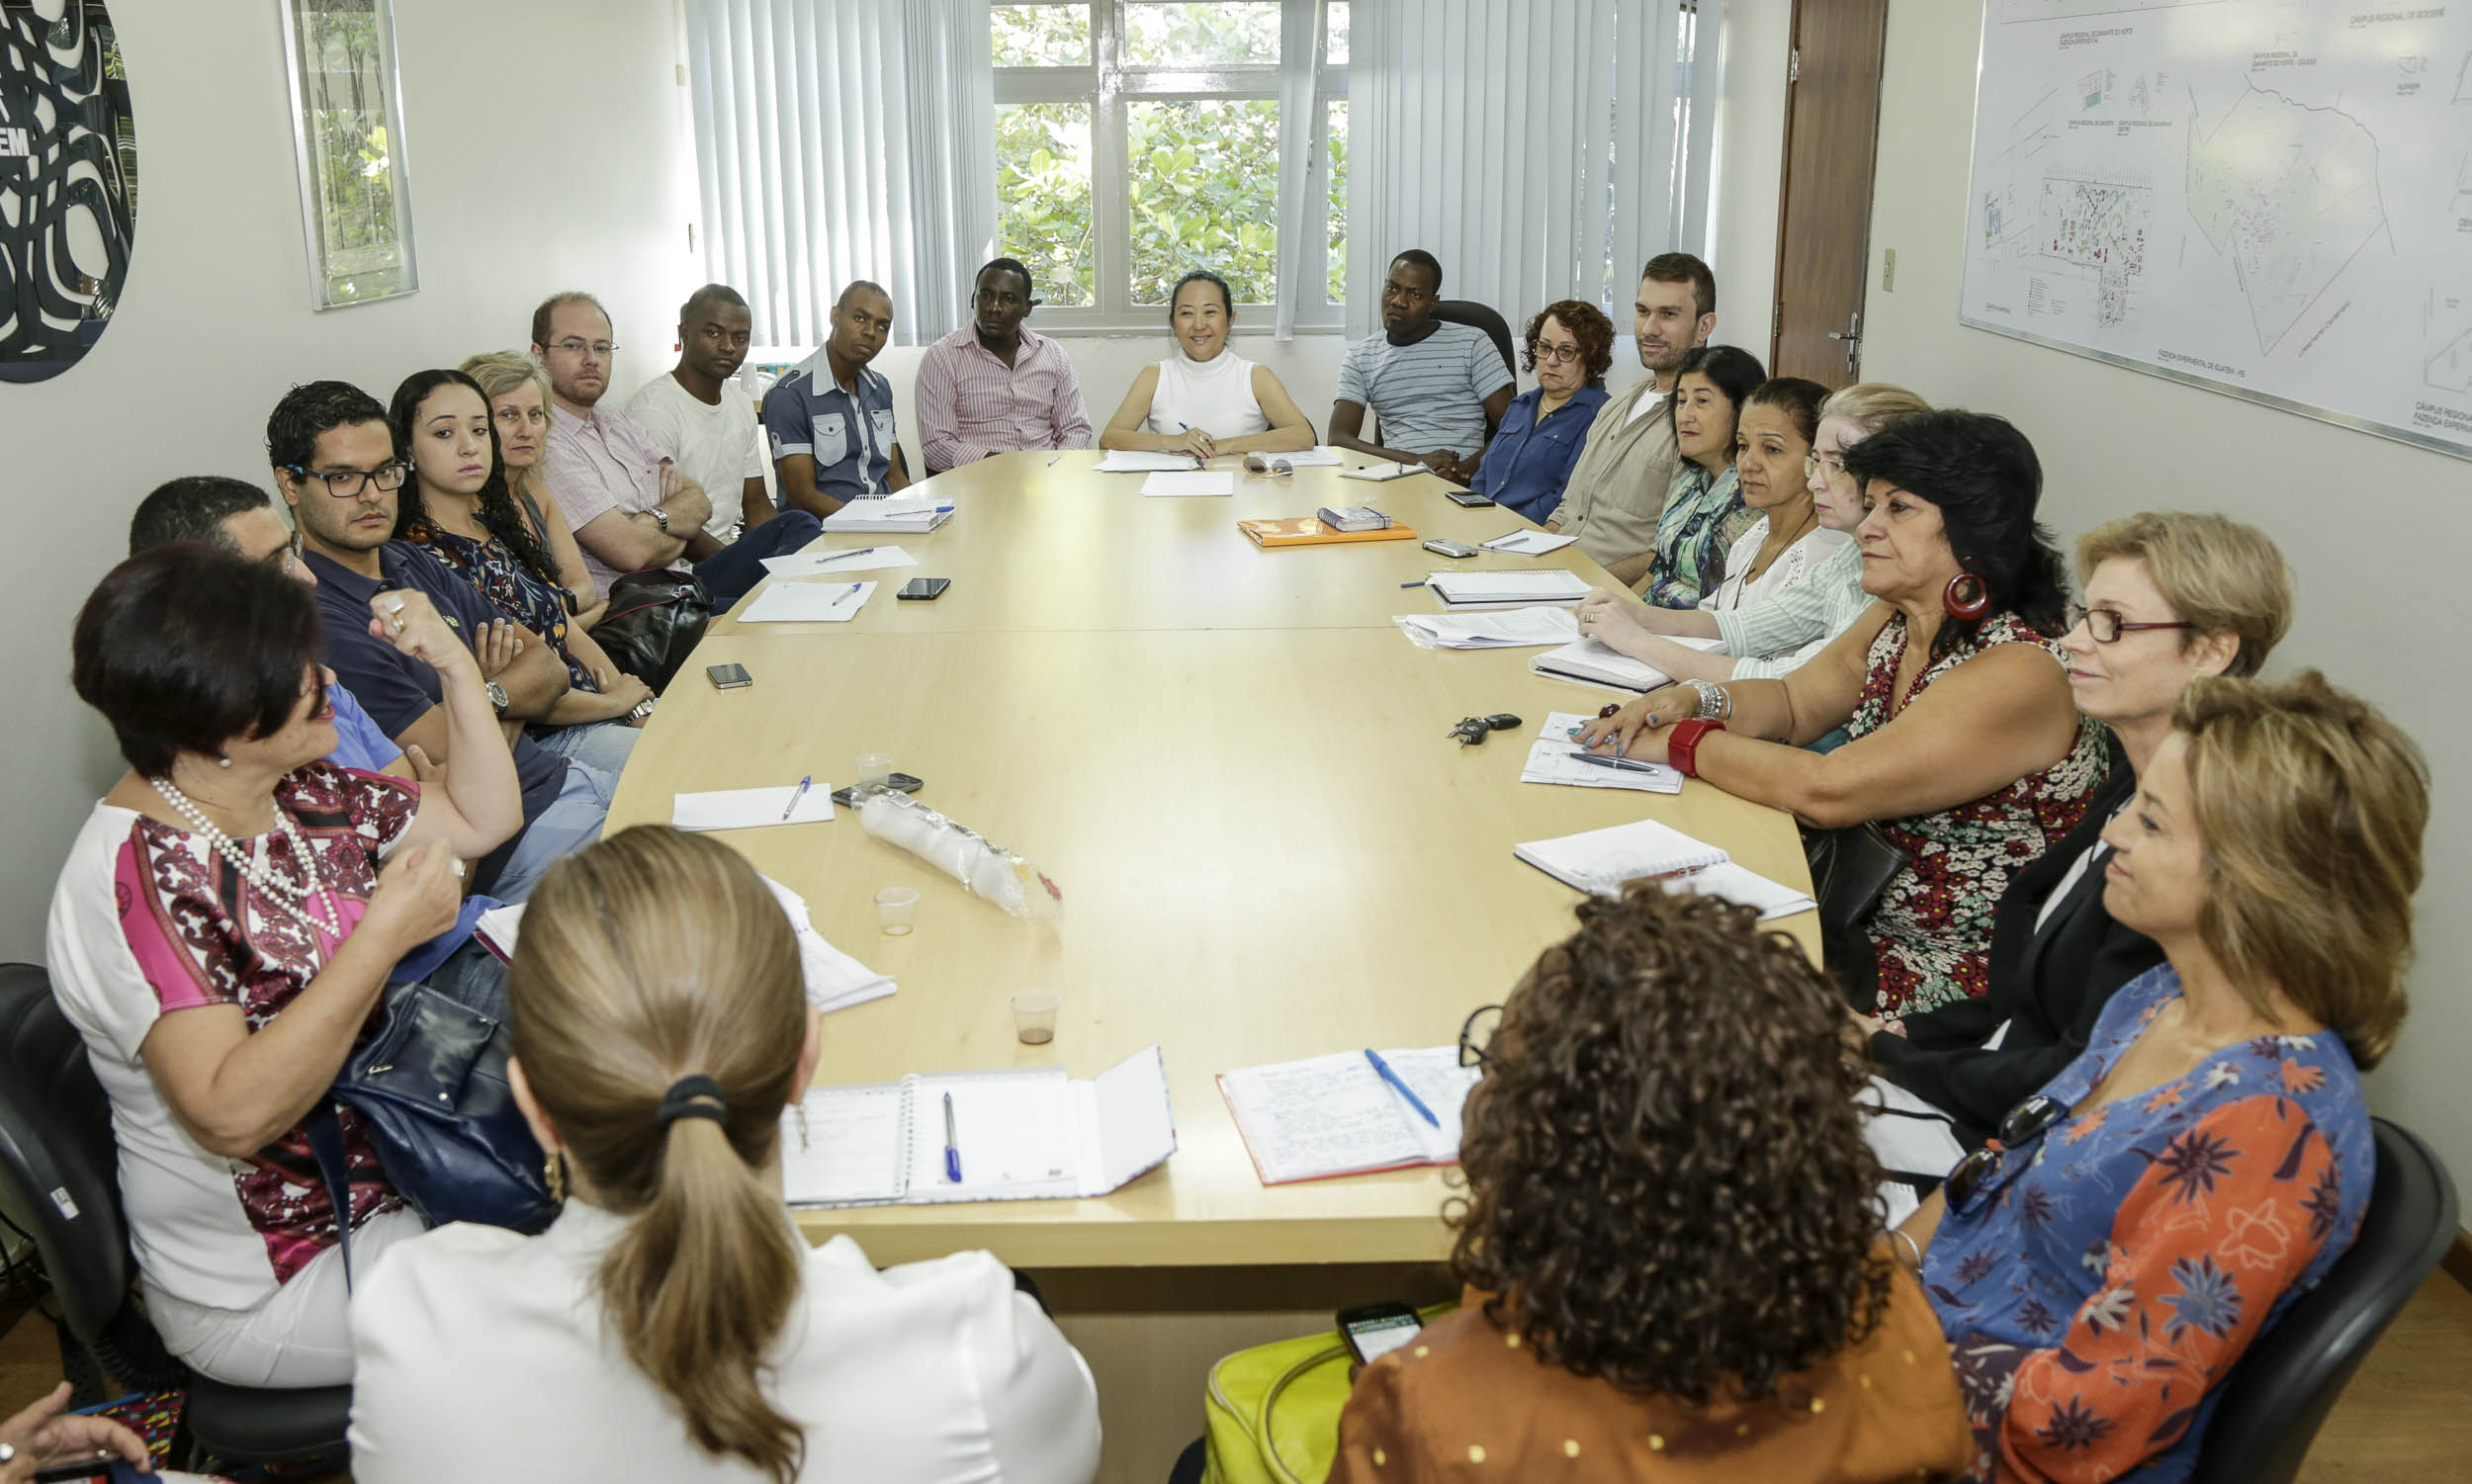 2017-03-29 Reunião ILG Haitianos- MG 2005